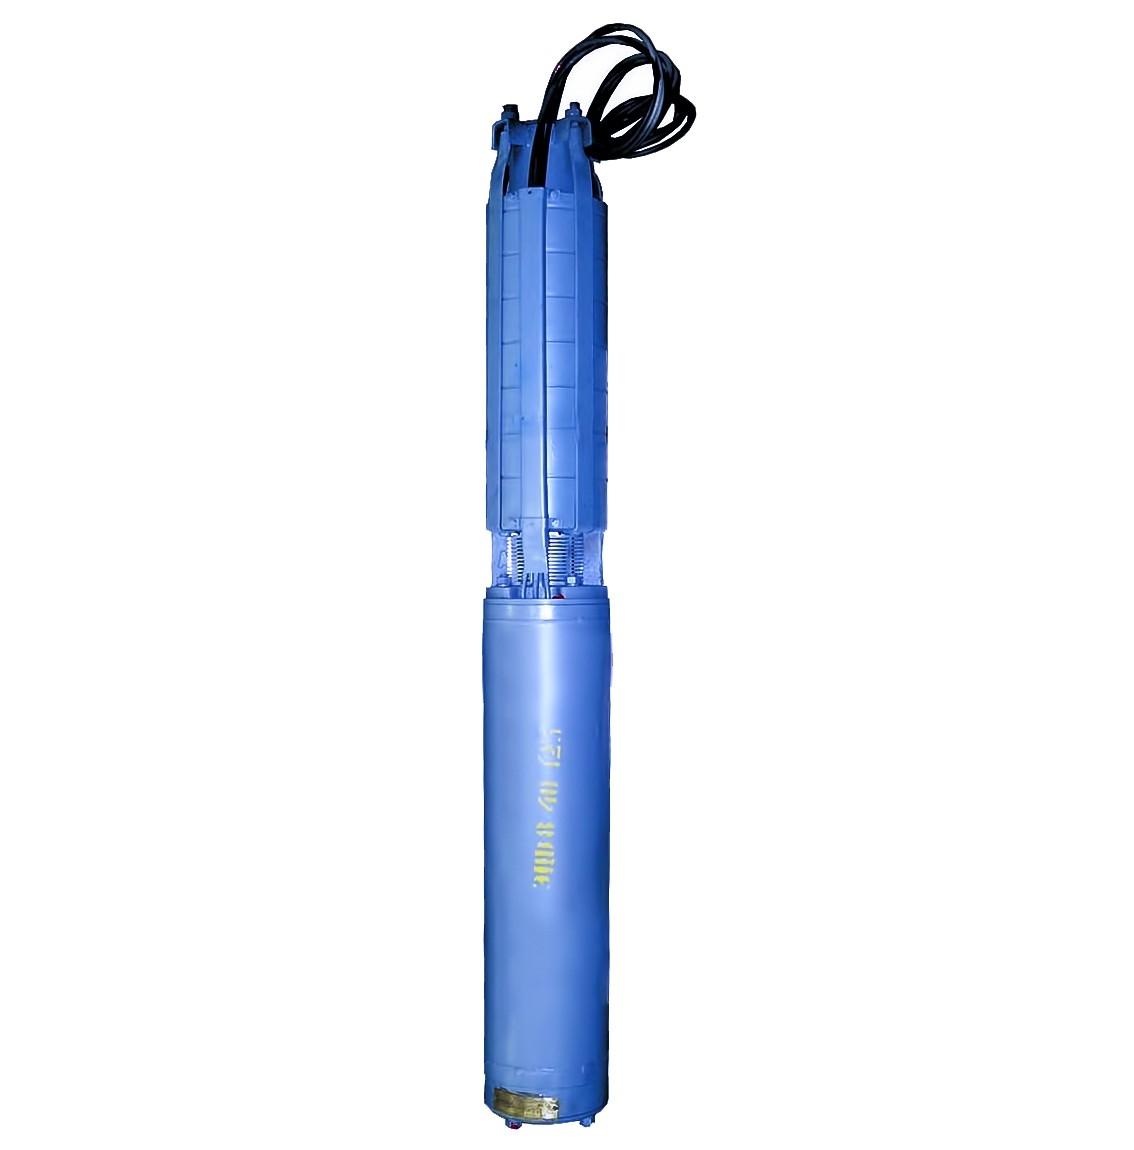 Погружной насос ЭЦВ 6-4-100 армлен